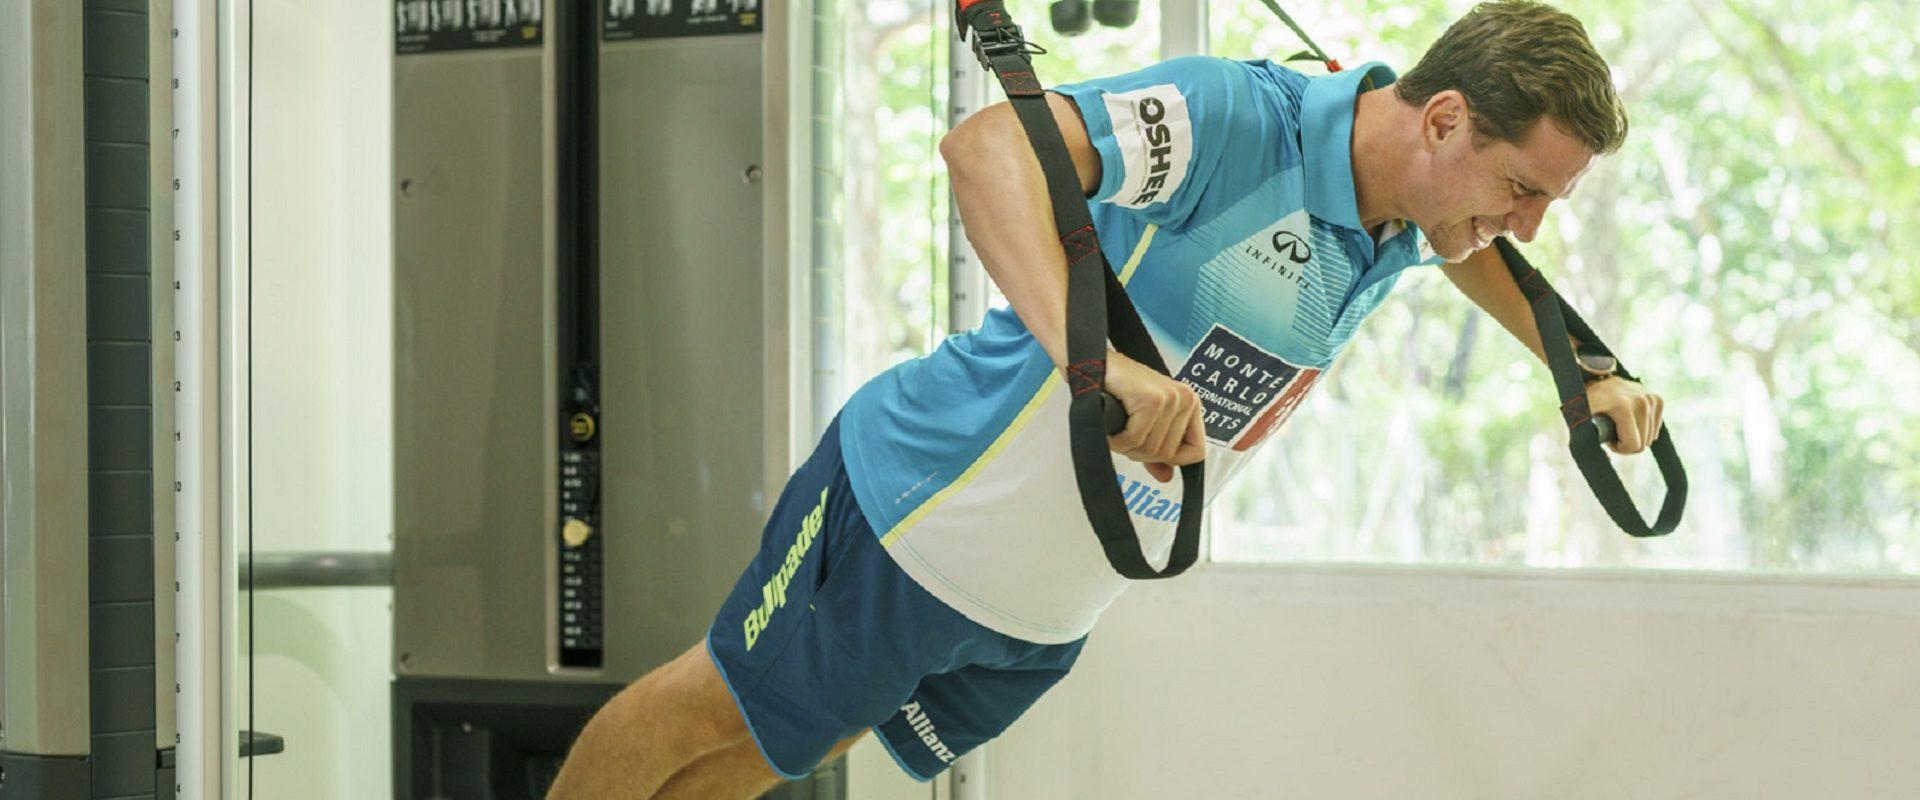 Paquito Navarro entrenando en el gimnasio con TRX